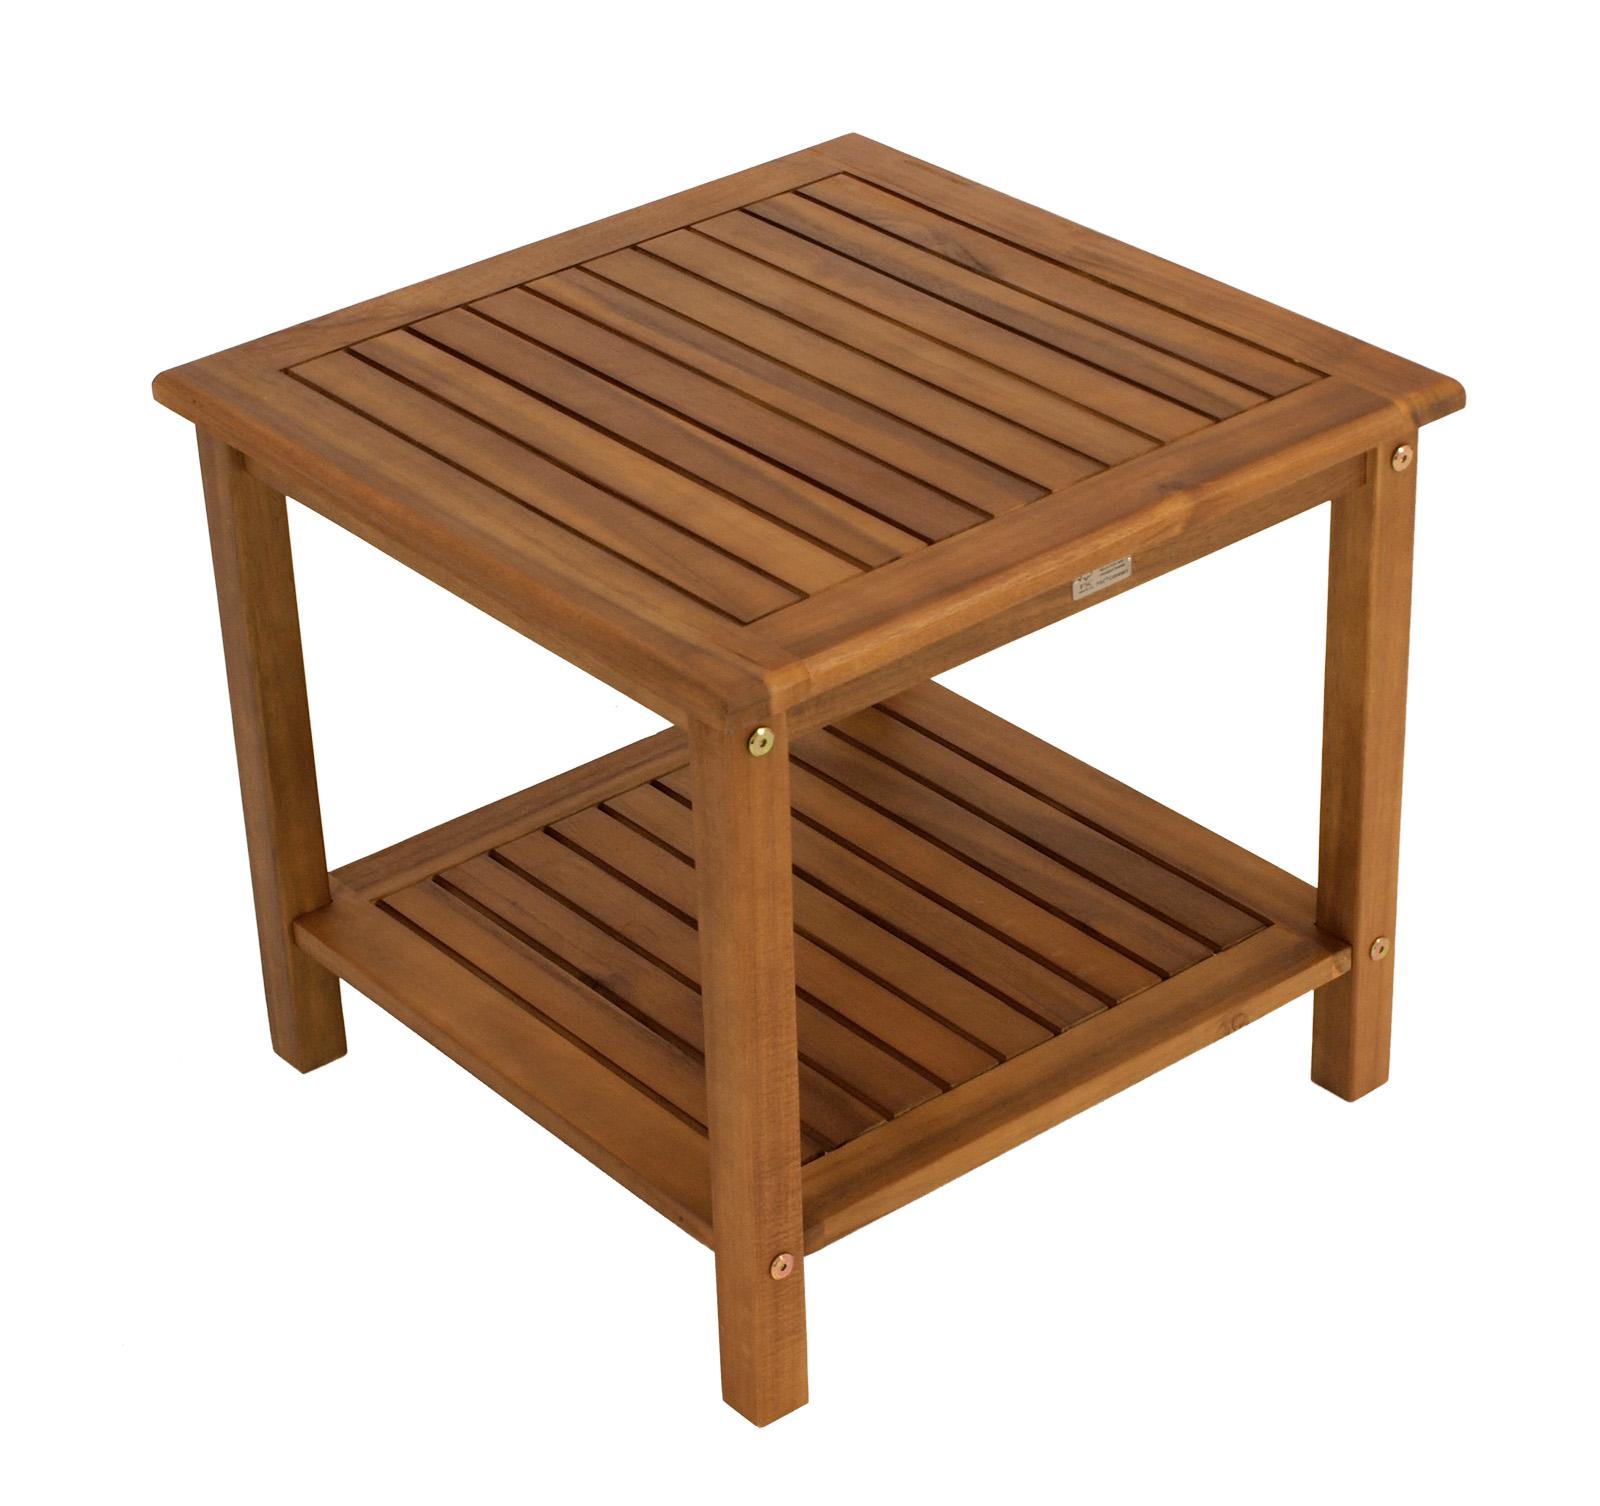 beistelltisch kaffeetisch st vincent 50x50cm akazie ge lt innen aussen fsc. Black Bedroom Furniture Sets. Home Design Ideas